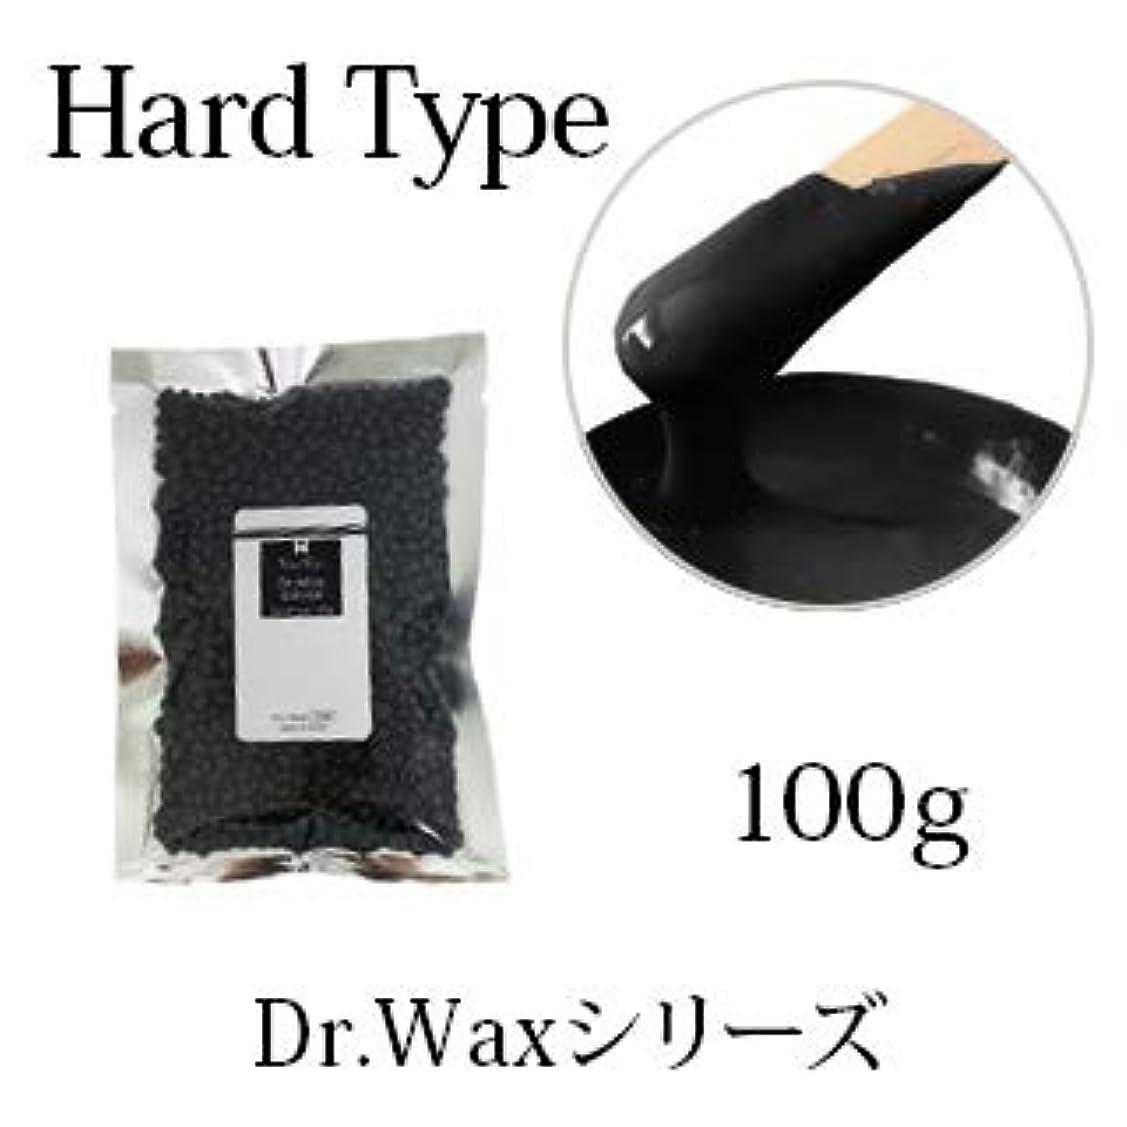 理想的不良フィルタ【Dr.waxシリーズ】ワックス脱毛 粒タイプ 紙を使用しない ハードワックス (キャビア 100g)